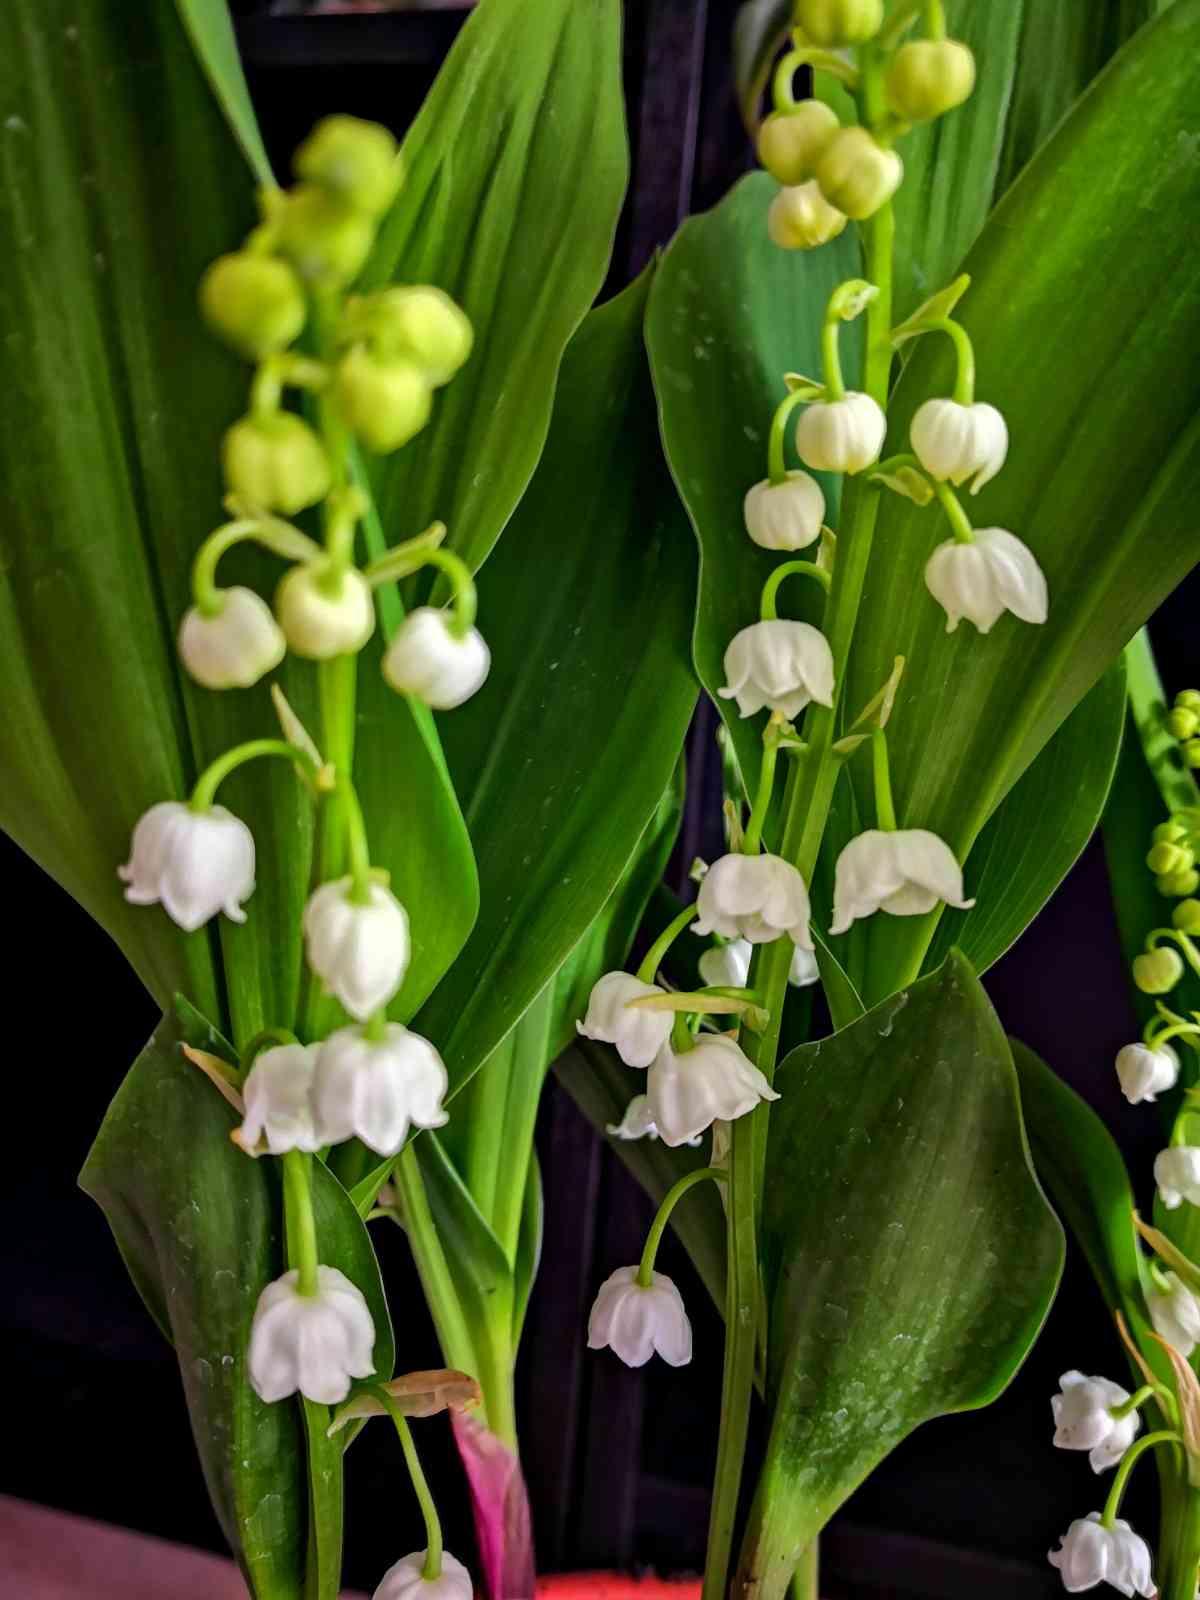 53 Décoration florale pour des évènements (mariage, anniversaire, etc.) | Aux Quatre Saisons à Boissy-Saint-Léger